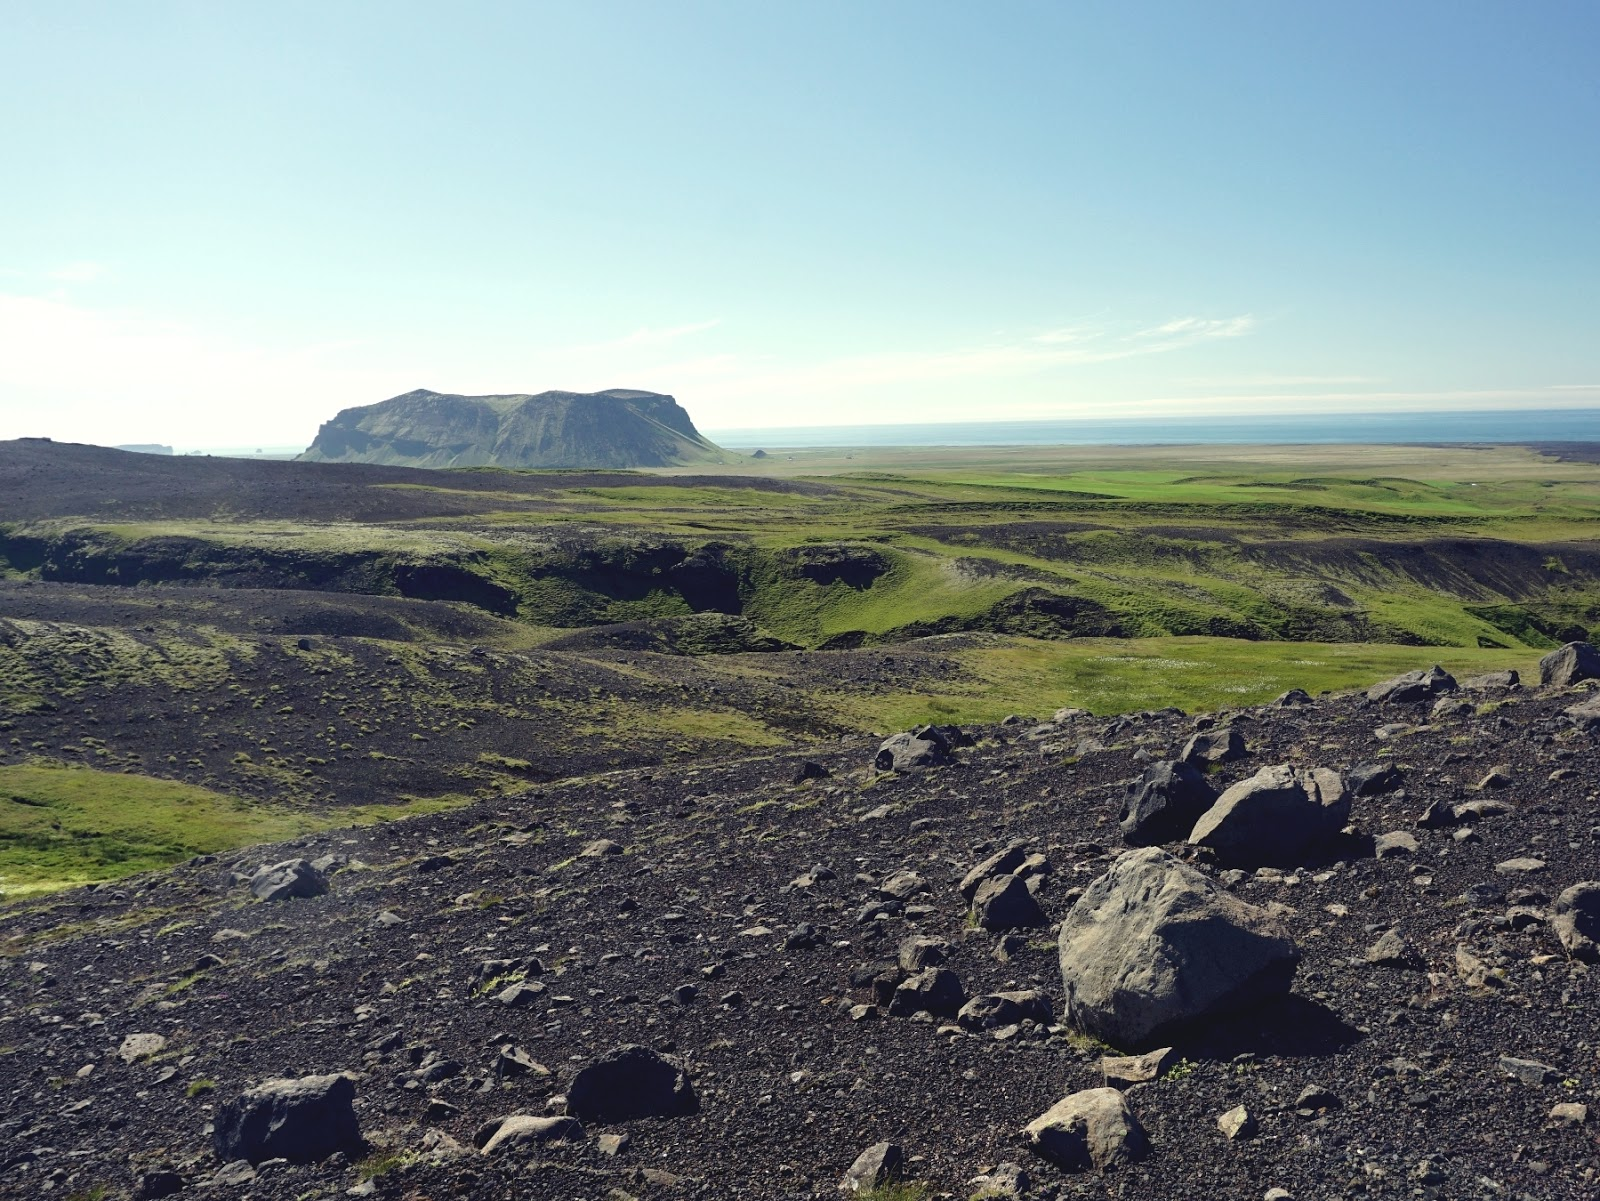 Petursey, Lodowiec Solheimajokull, lodowiec, Myrdalsjokull, Islandia, południowa Islandia, zwiedzanie Islandii, panidorcia, Pani Dorcia blog, blog o Islandii, co zwiedzić w Islandii